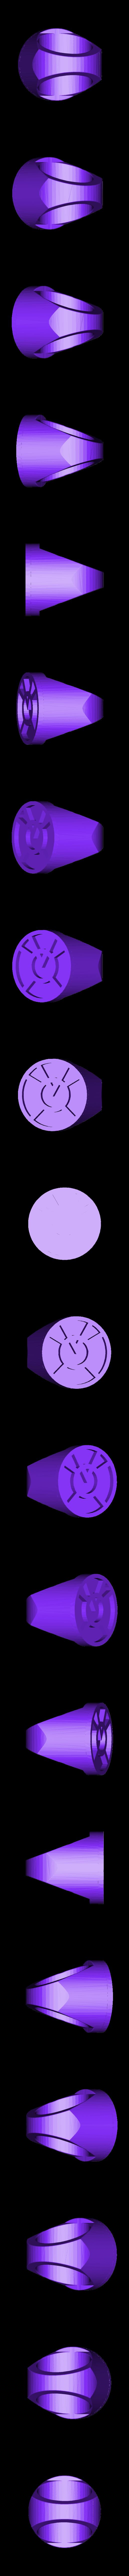 ORANGE_-_lantern_ring.STL Télécharger fichier STL gratuit Anneaux de corps de lanterne • Modèle imprimable en 3D, Clenarone